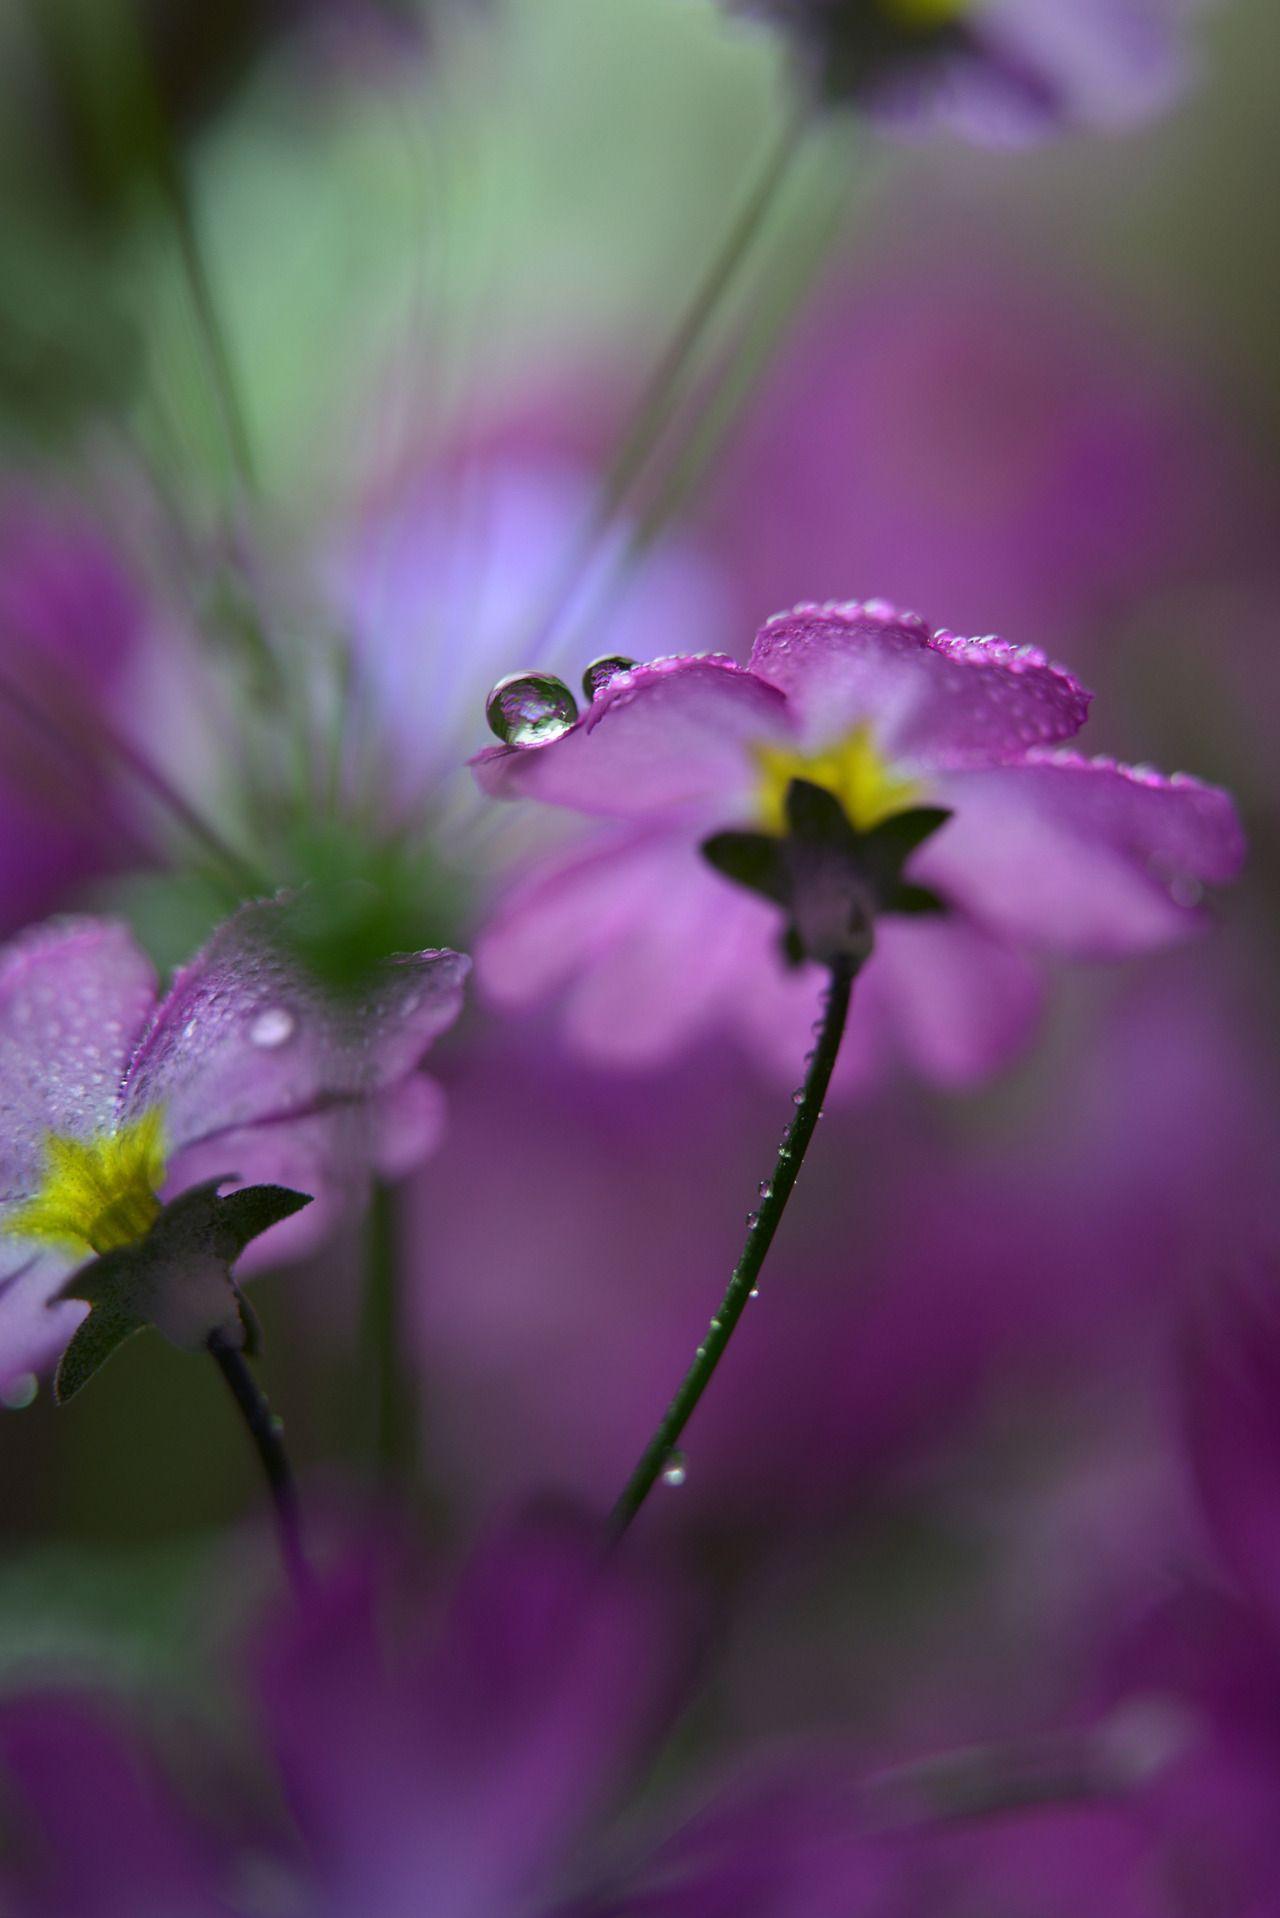 اللهم علمنا ما ينفعنا وانفعنا بما علمتنا وزدنا علما وأرنا الحق حقا وارزقنا اتباعه وأرنا الباطل باطلا وارزقنا اجت Flowers Purple Flowers Amazing Flowers